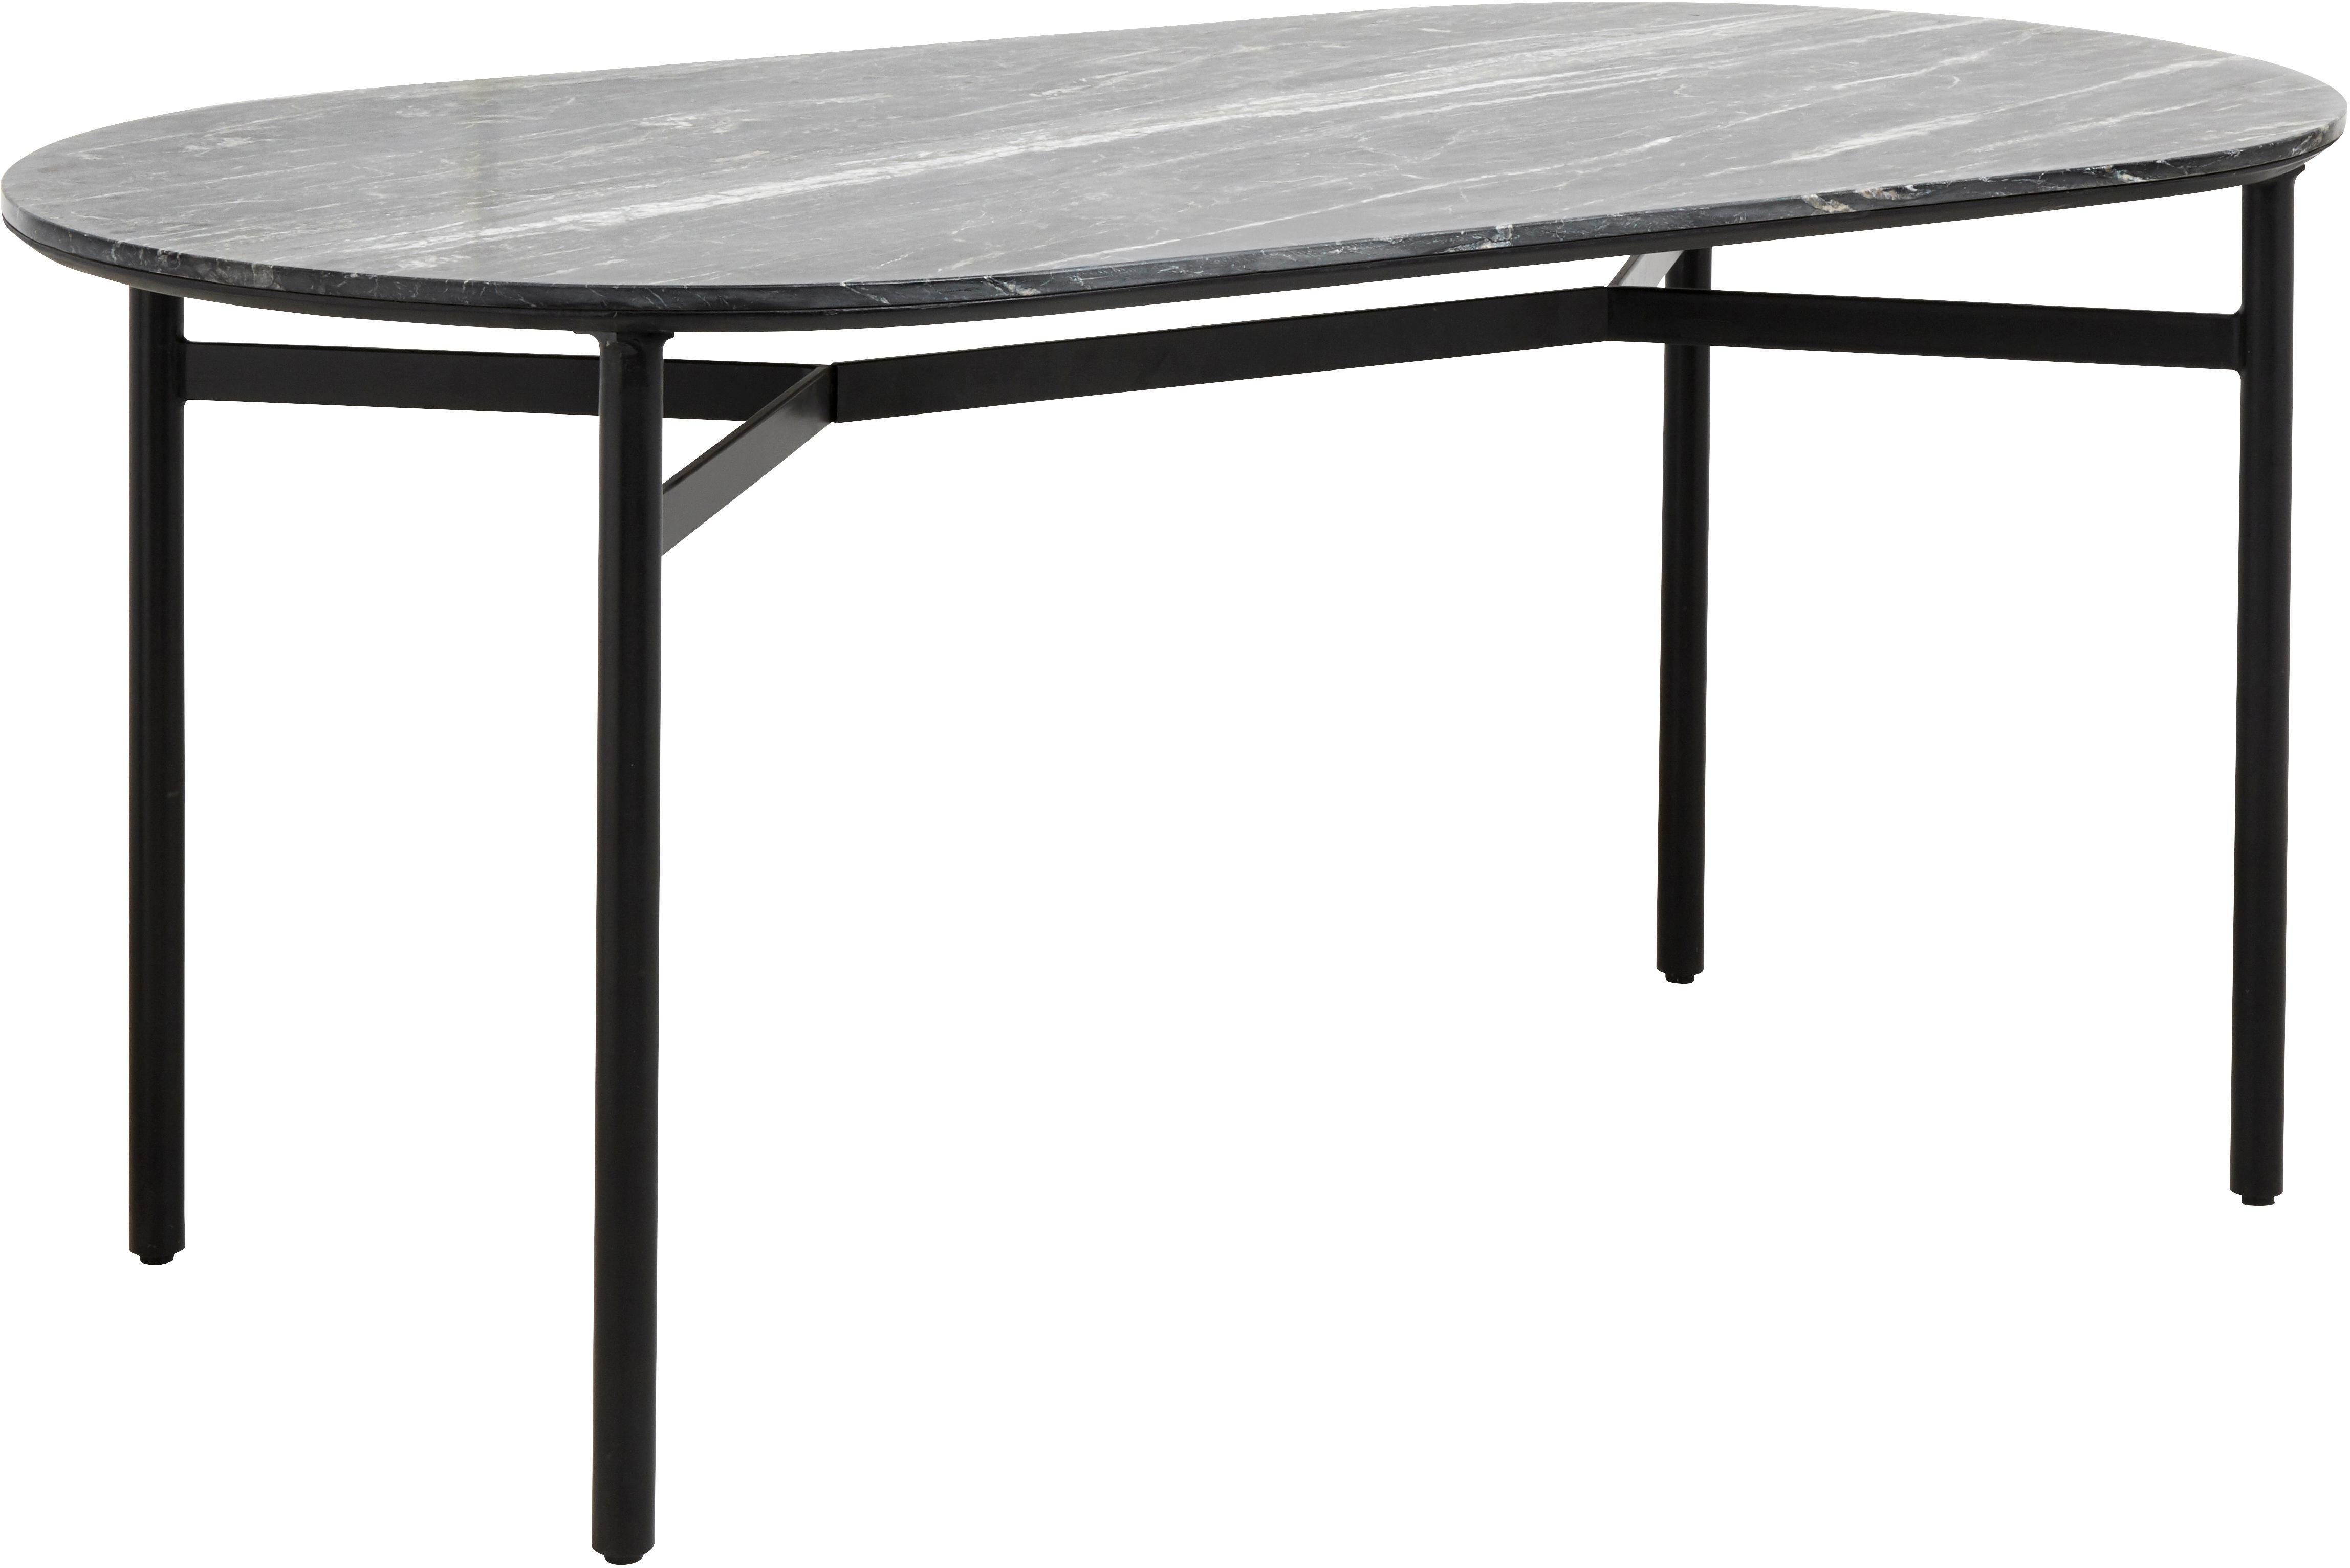 Ovaler Marmor-Esstisch Taupo, Tischplatte: Marmor, Mitteldichte Holz, Beine: Metall, pulverbeschichtet, Gold, B 175 x T 90 cm